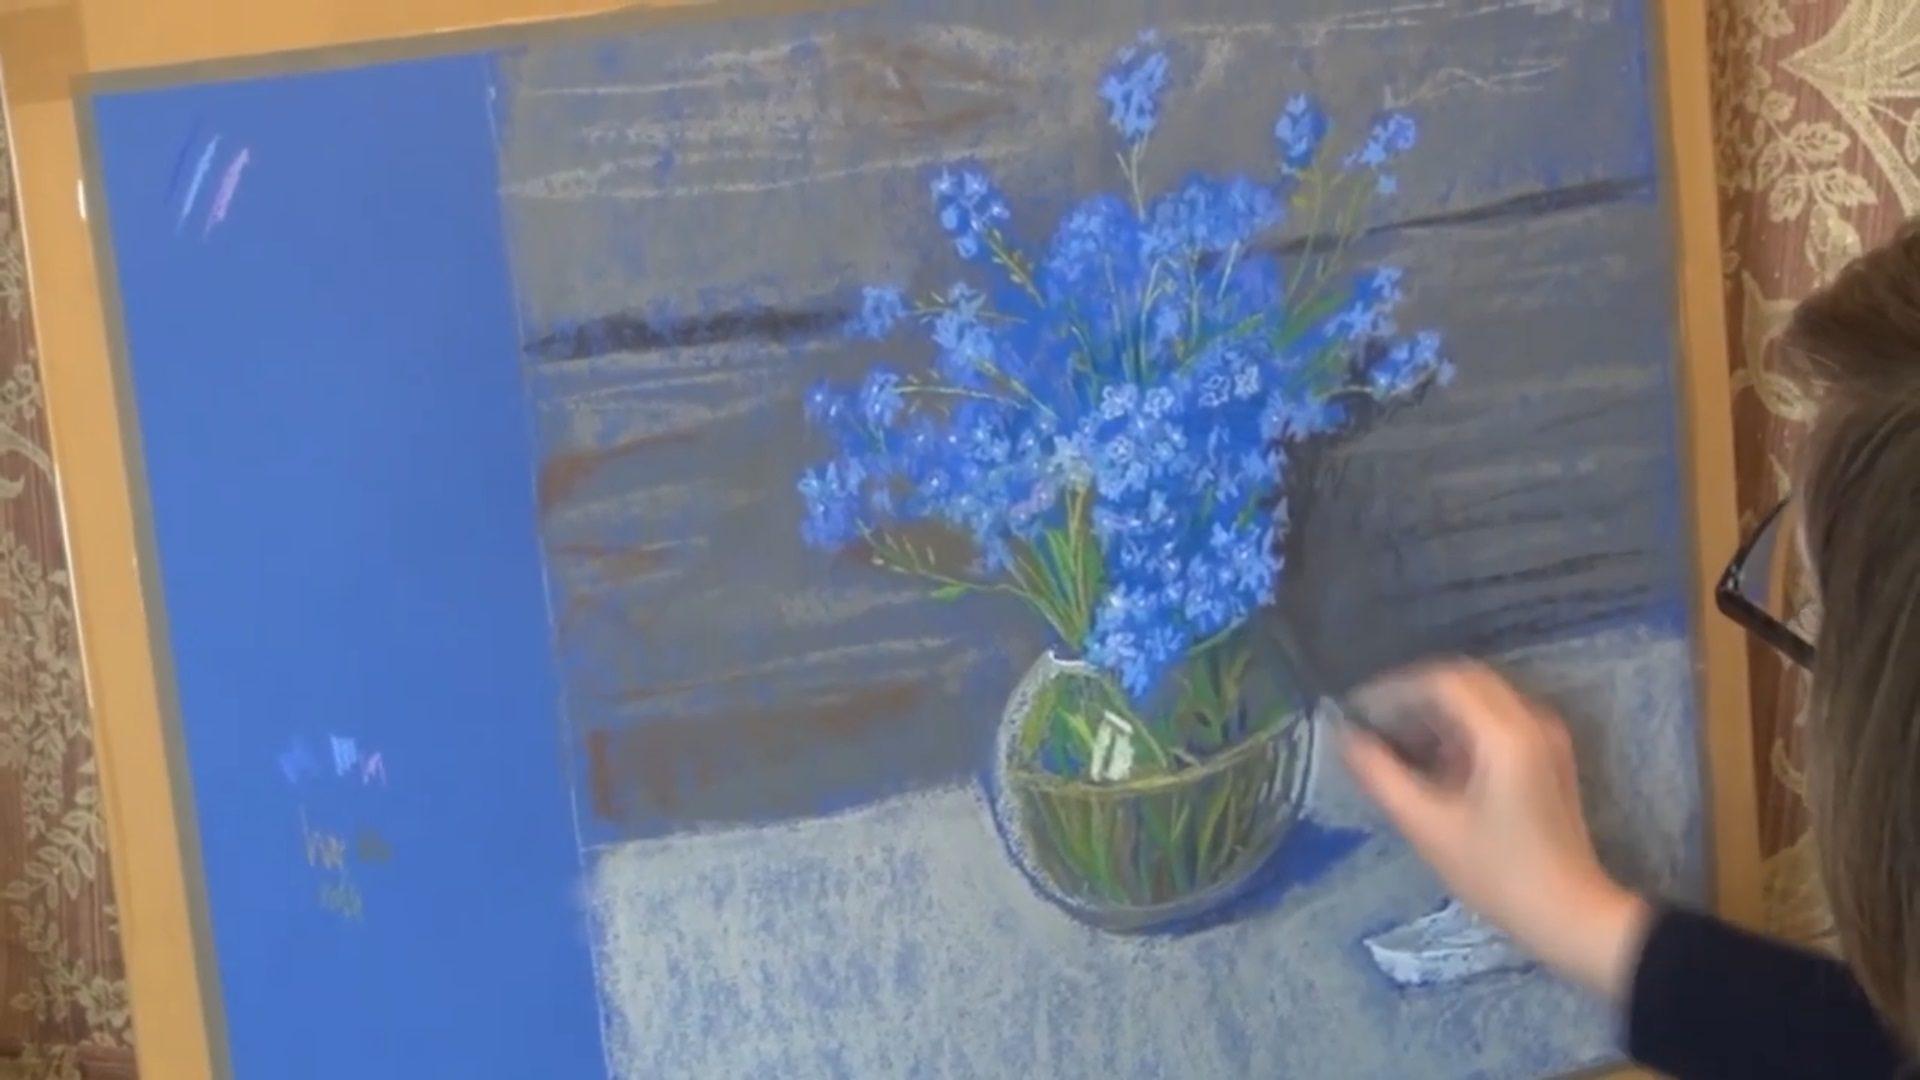 Онлайн-мастер-класс «Весенние цветы» – события на сайте «Московские Сезоны»